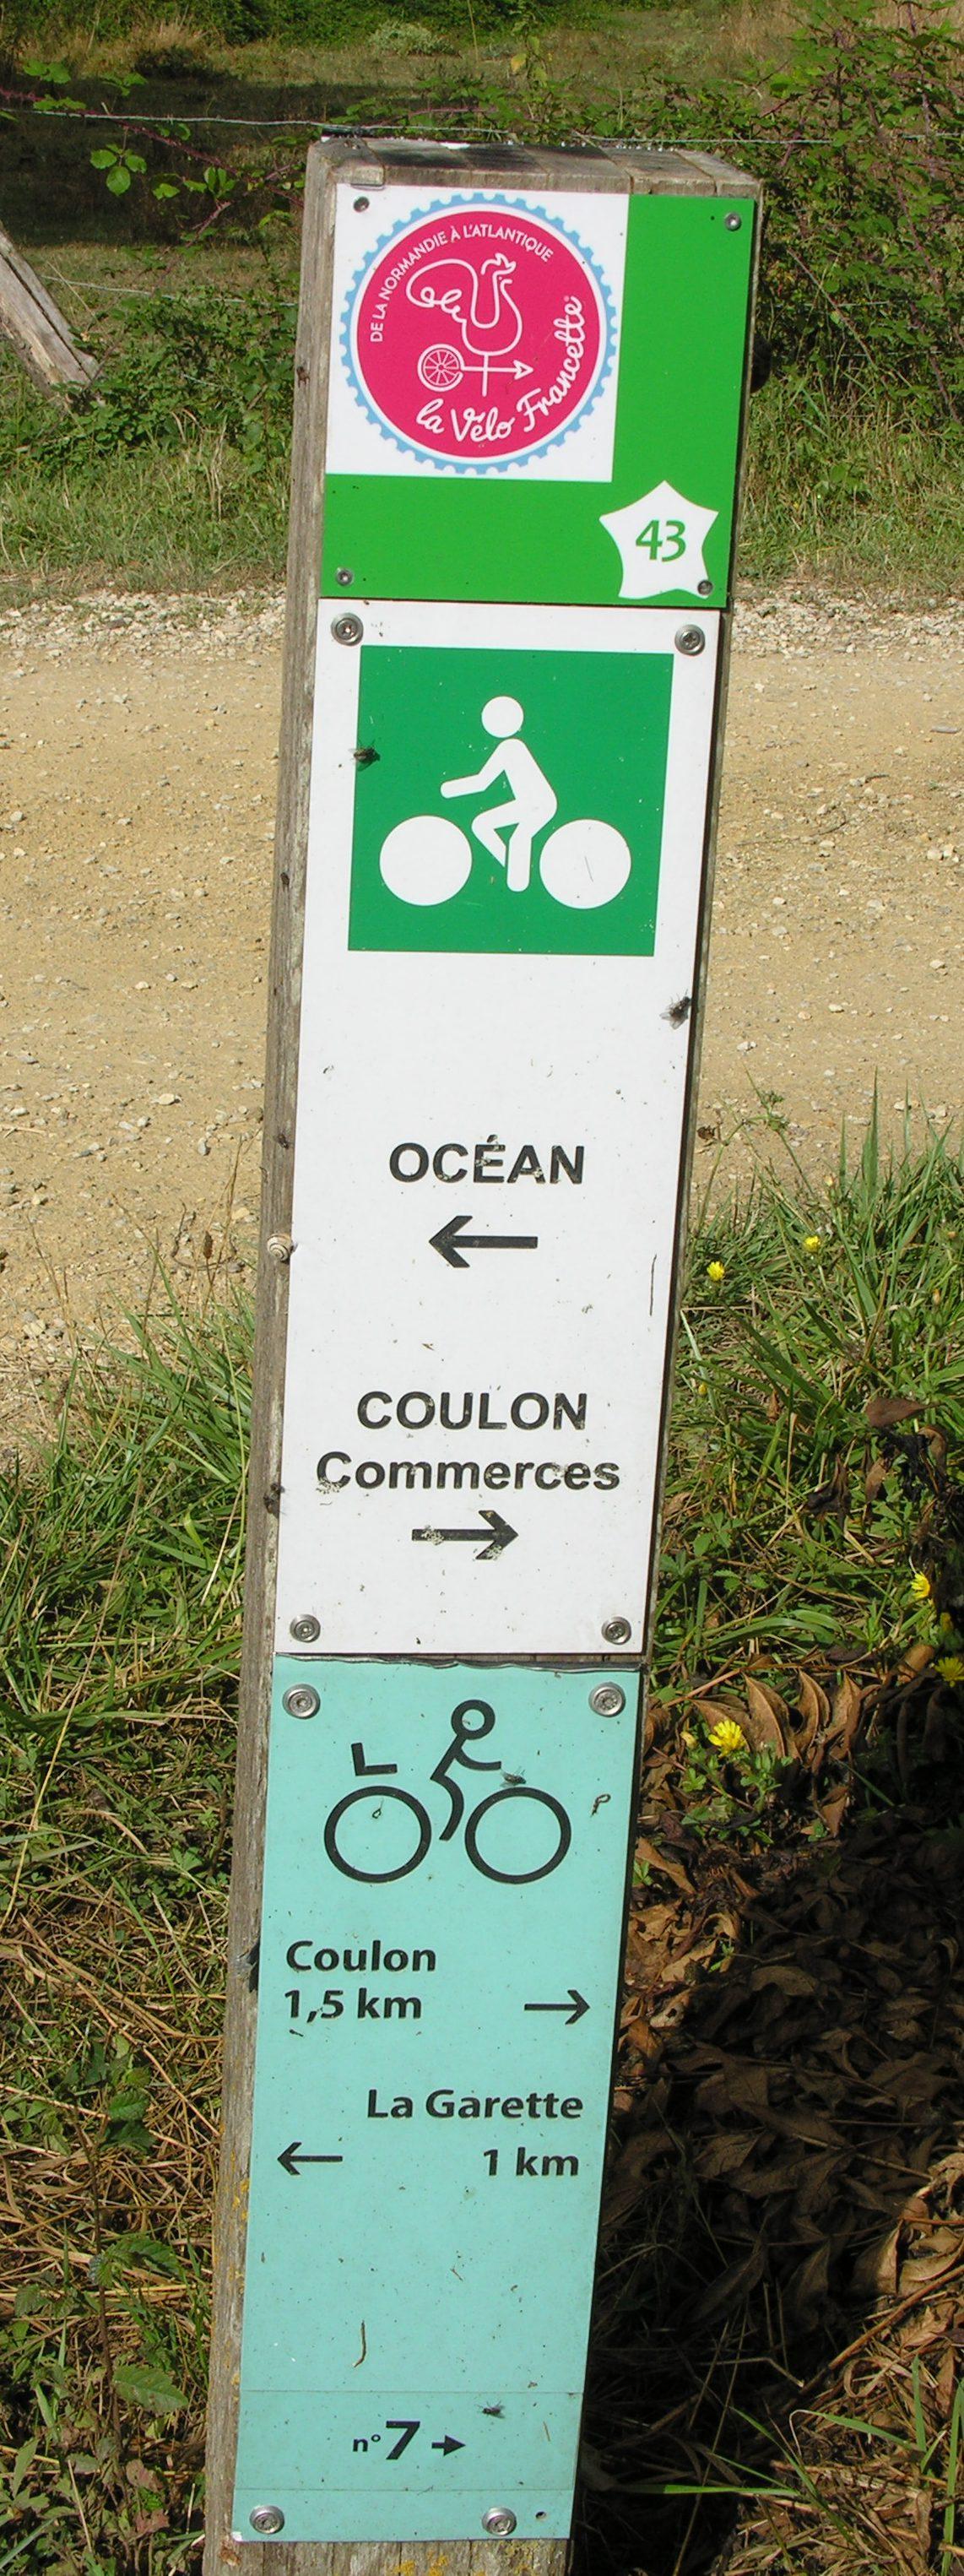 Identifiable par son logo apposé sur les balises des circuits locaux existants, La Vélo Francette® propose des variantes, comme celle de Coulon (photo).